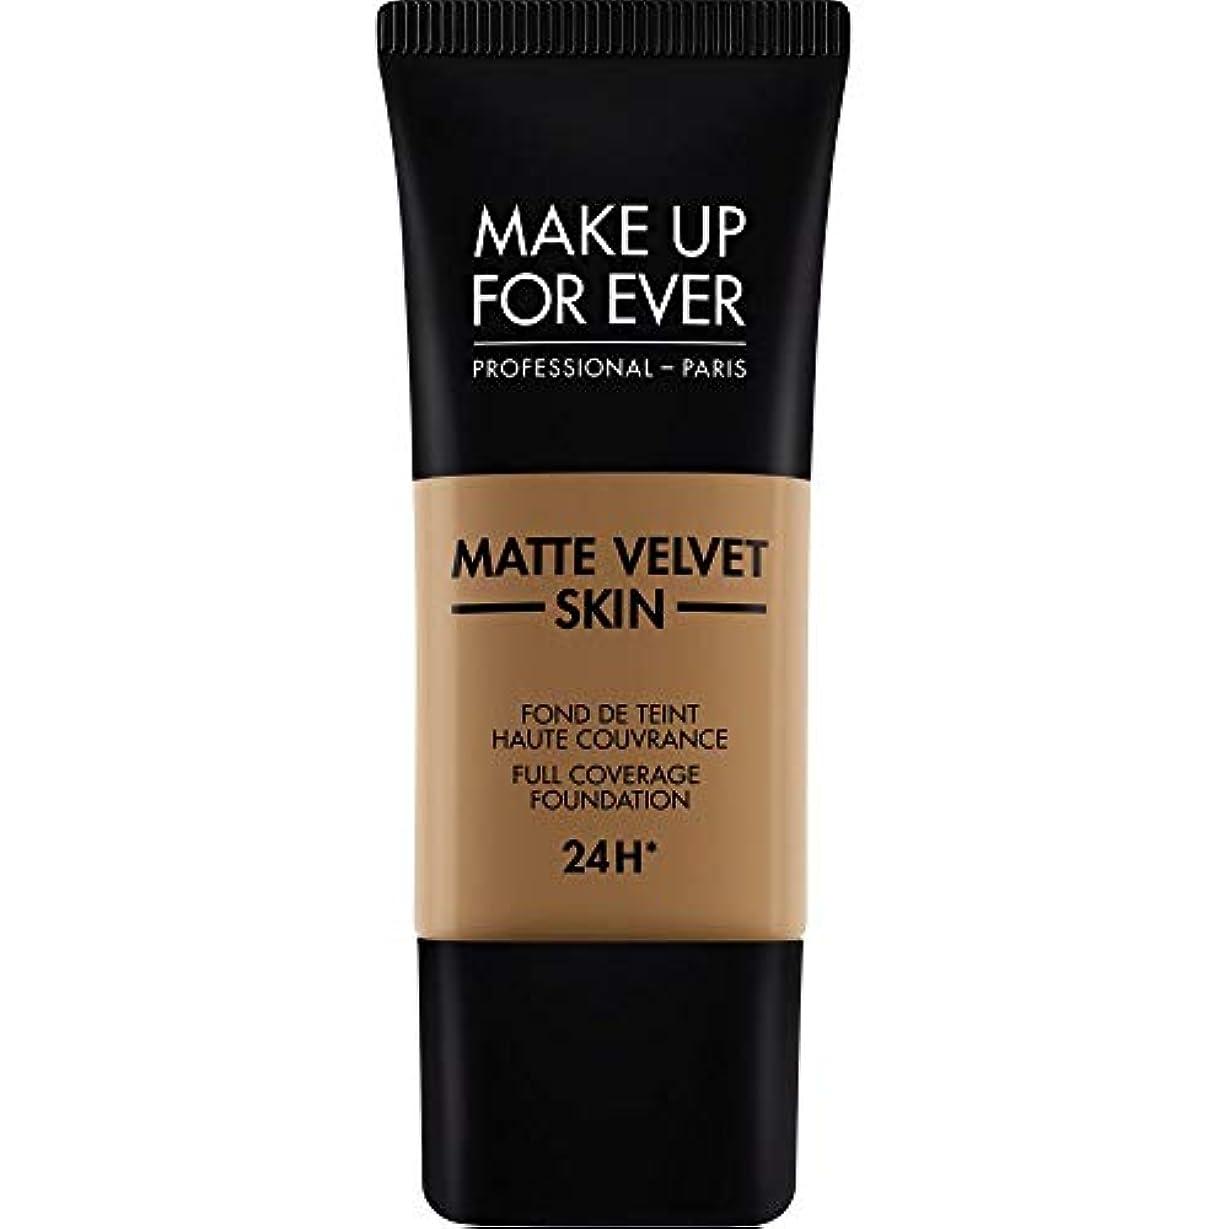 休み思い出小川[MAKE UP FOR EVER ] これまでマットベルベットの皮膚のフルカバレッジ基礎30ミリリットルのY505を補う - コニャック - MAKE UP FOR EVER Matte Velvet Skin Full...